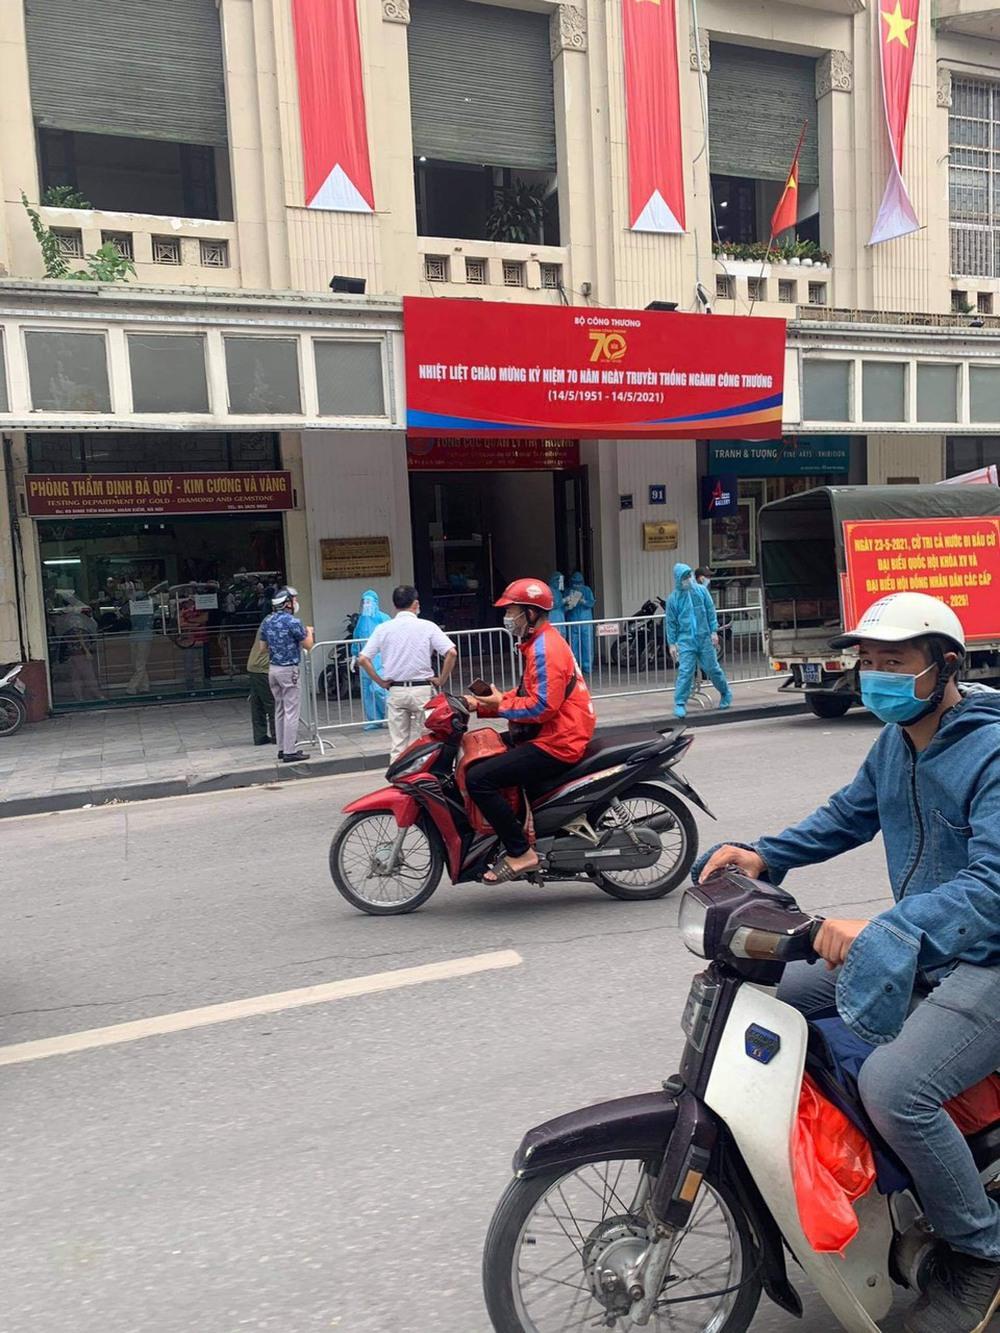 Hà Nội: Phát hiện cặp vợ chồng ở quận Thanh Xuân dương tính SARS-CoV-2 - Ảnh 1.